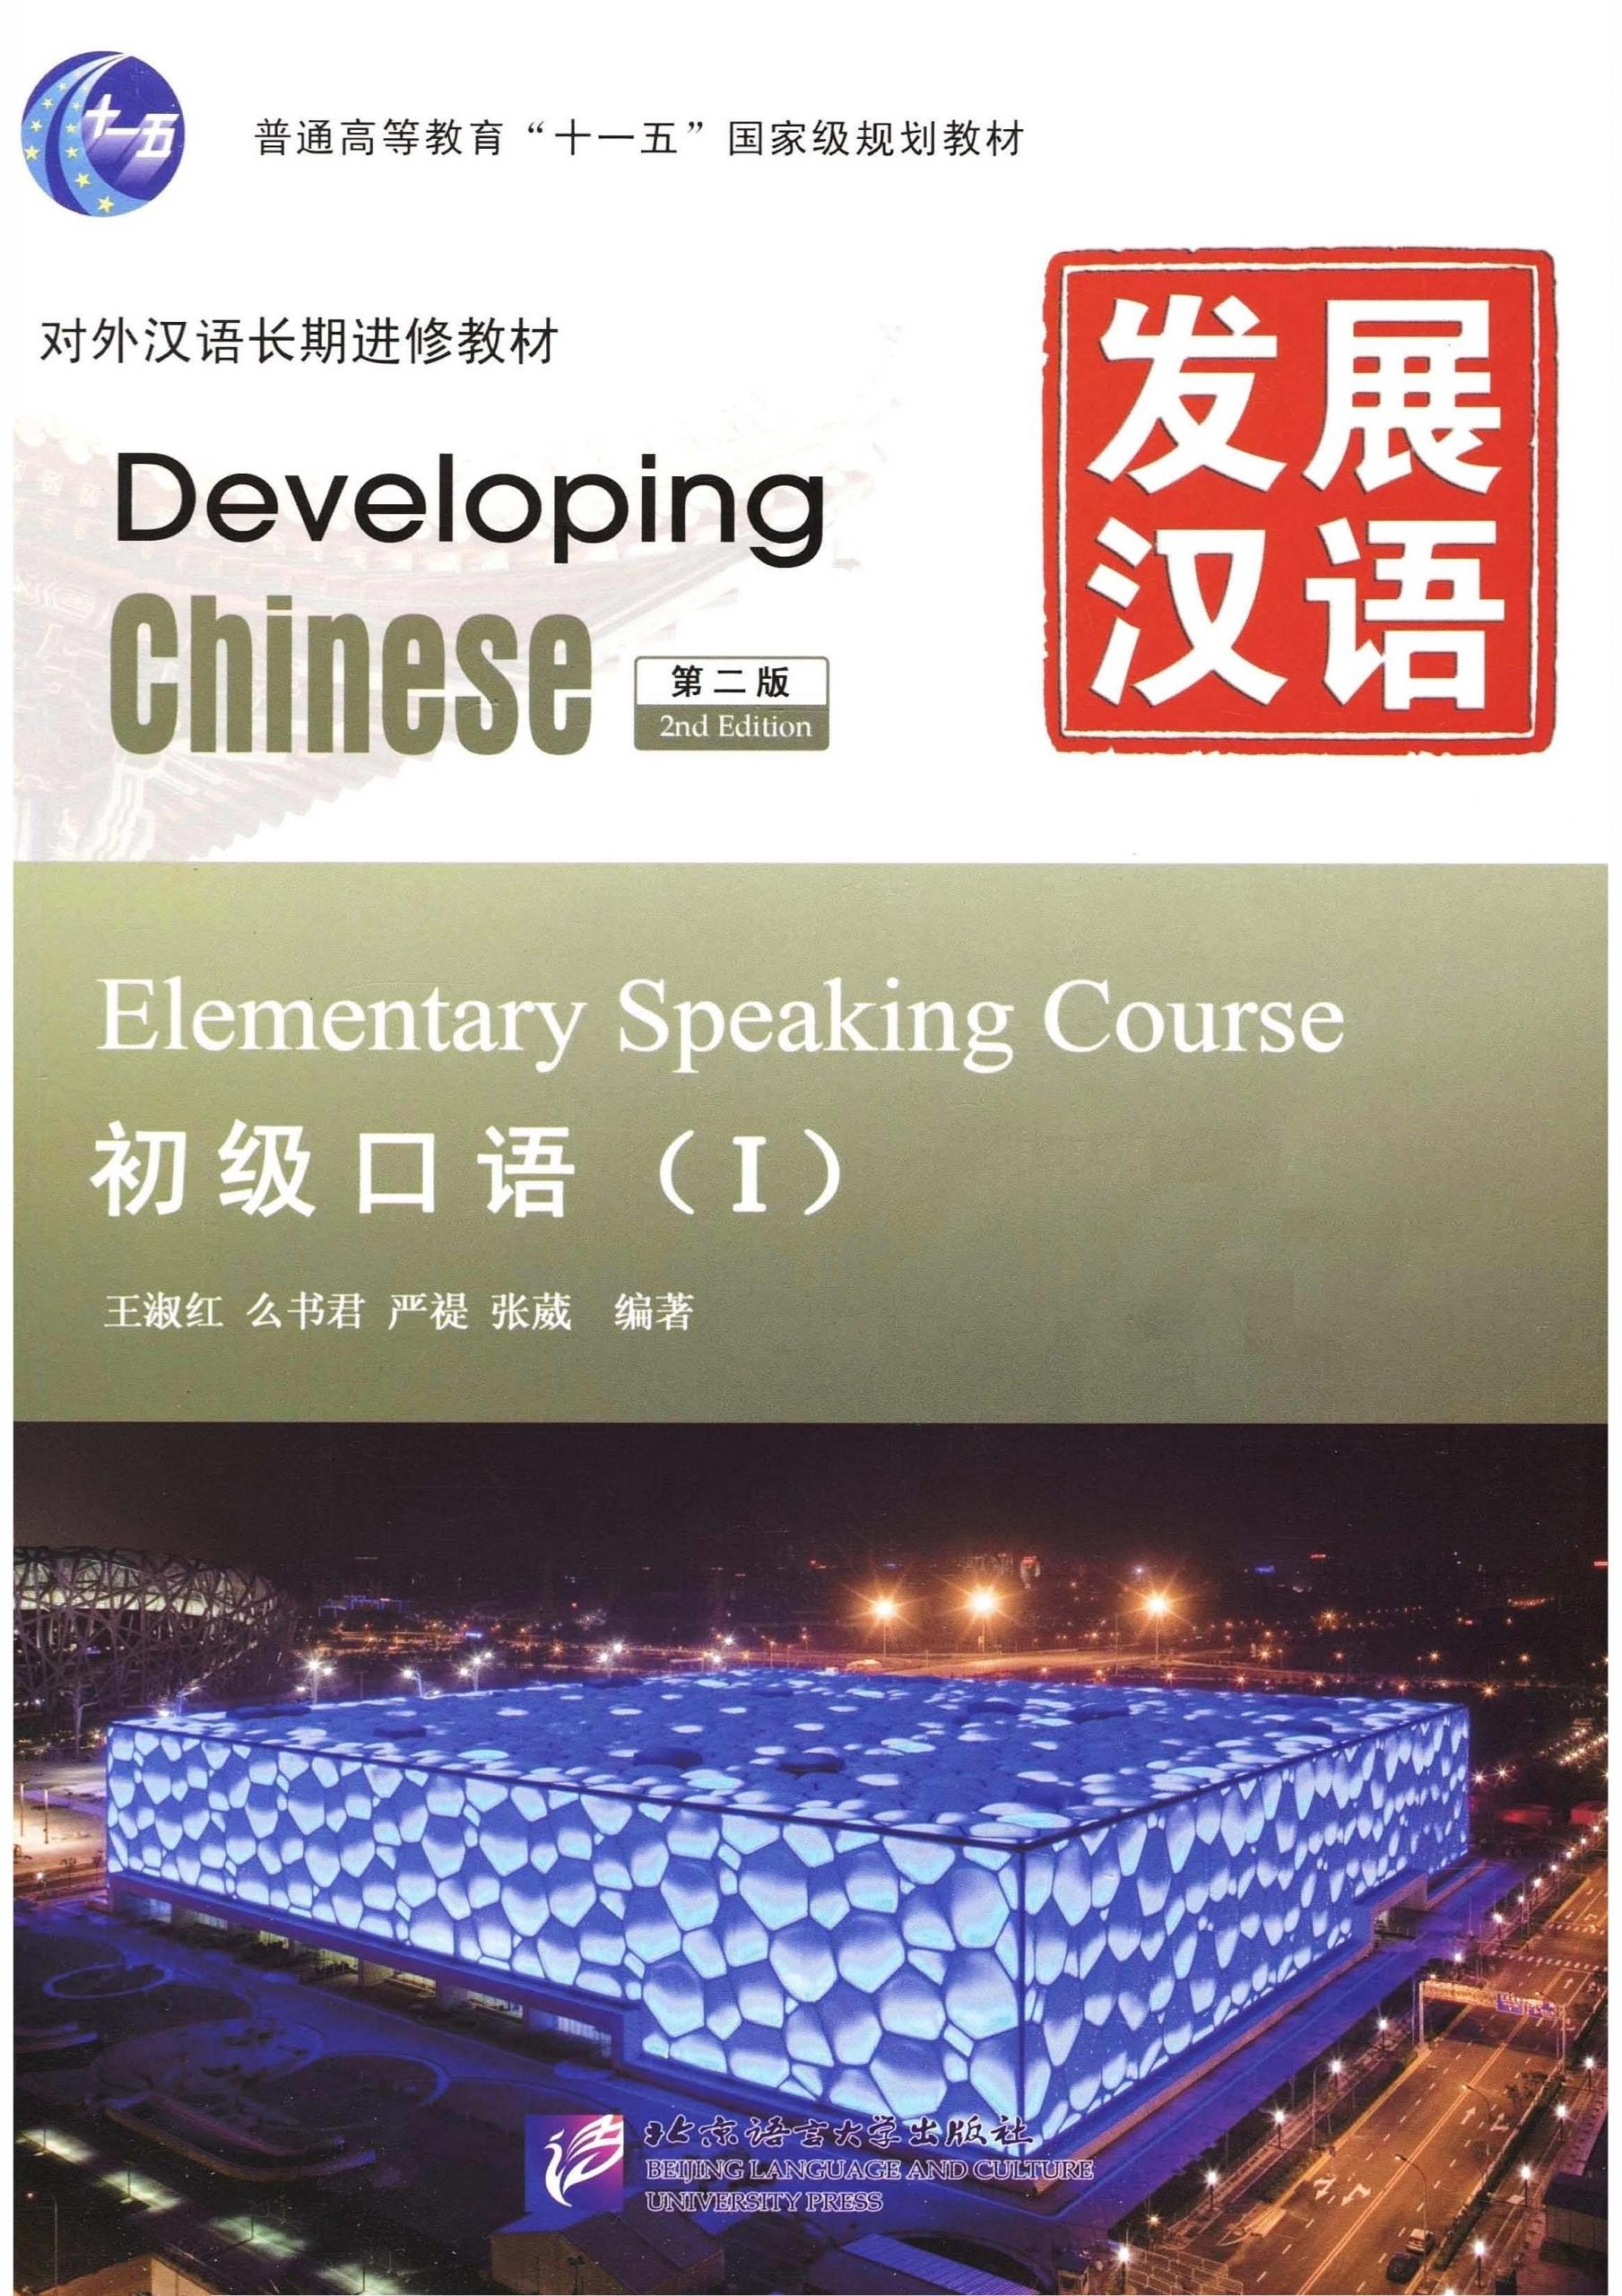 发展汉语 初级口语 1 第二版 PDF